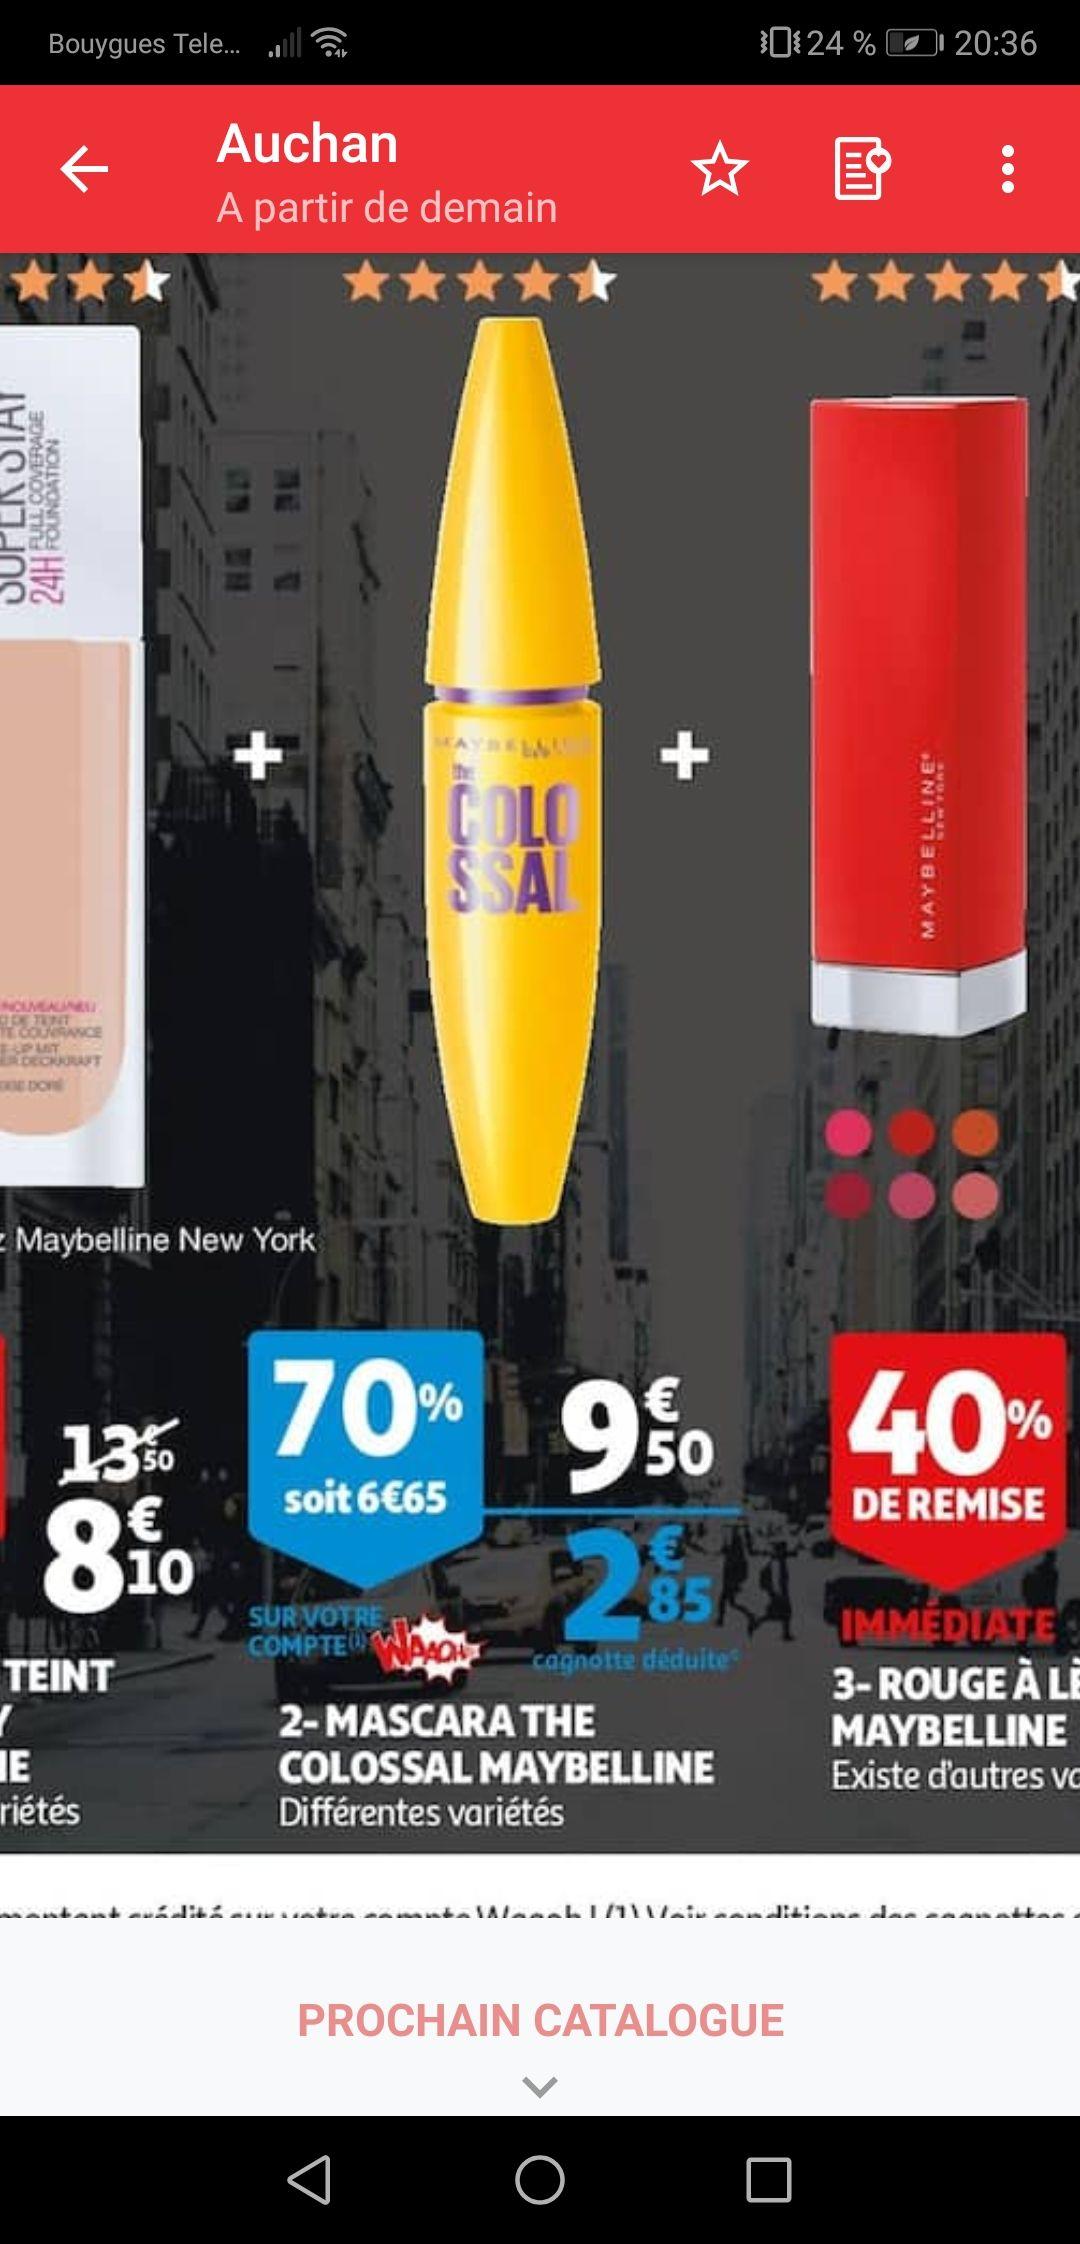 70% offert en remise fidélité sur une sélection de produits Maybeline - Ex : Mascara Maybelline (via 6,65€ sur la carte)